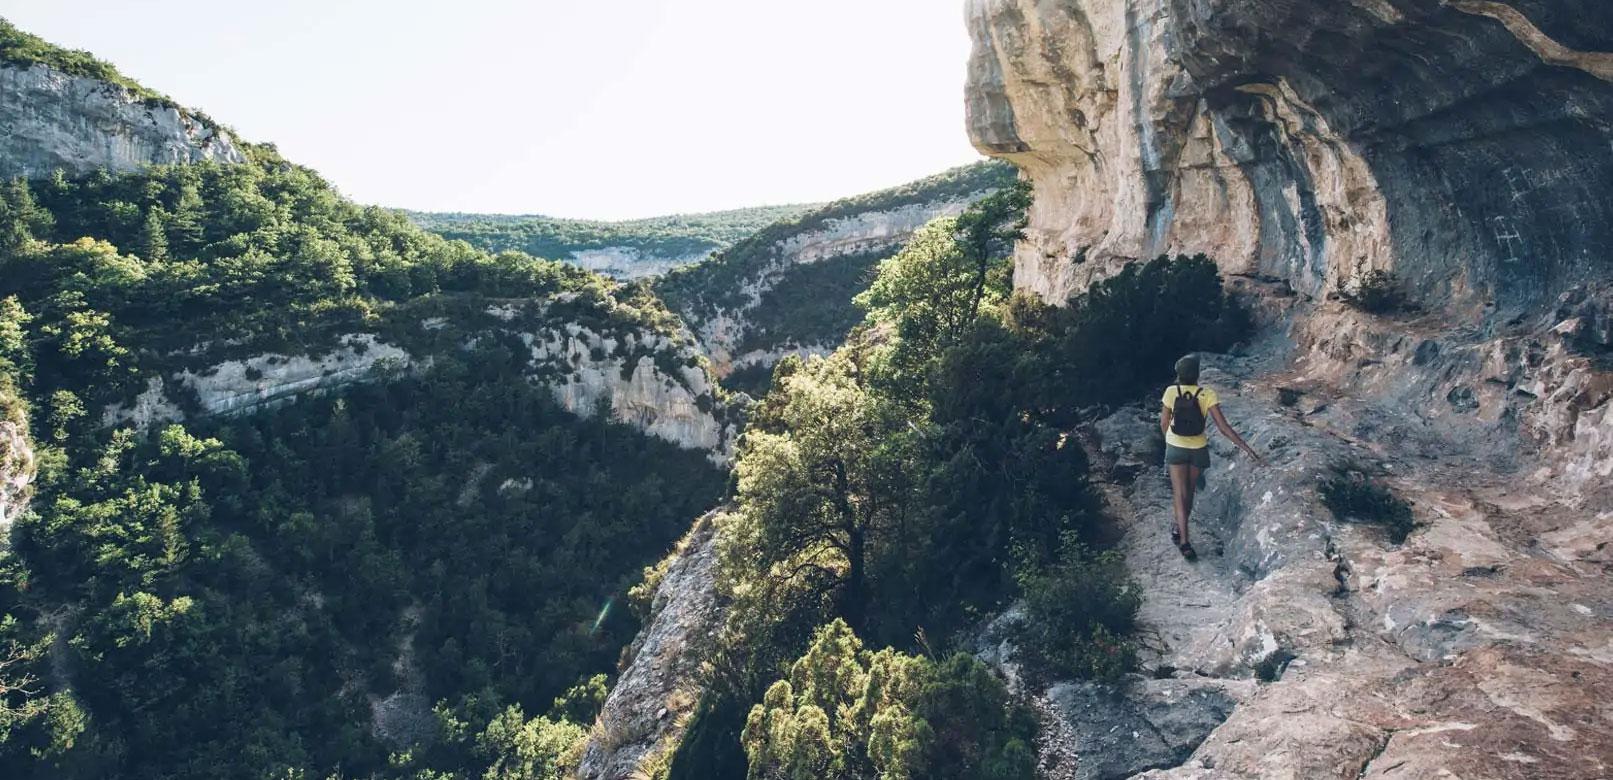 Espaces naturels sensibles entre Sud Ventoux et Monts de Vaucluse